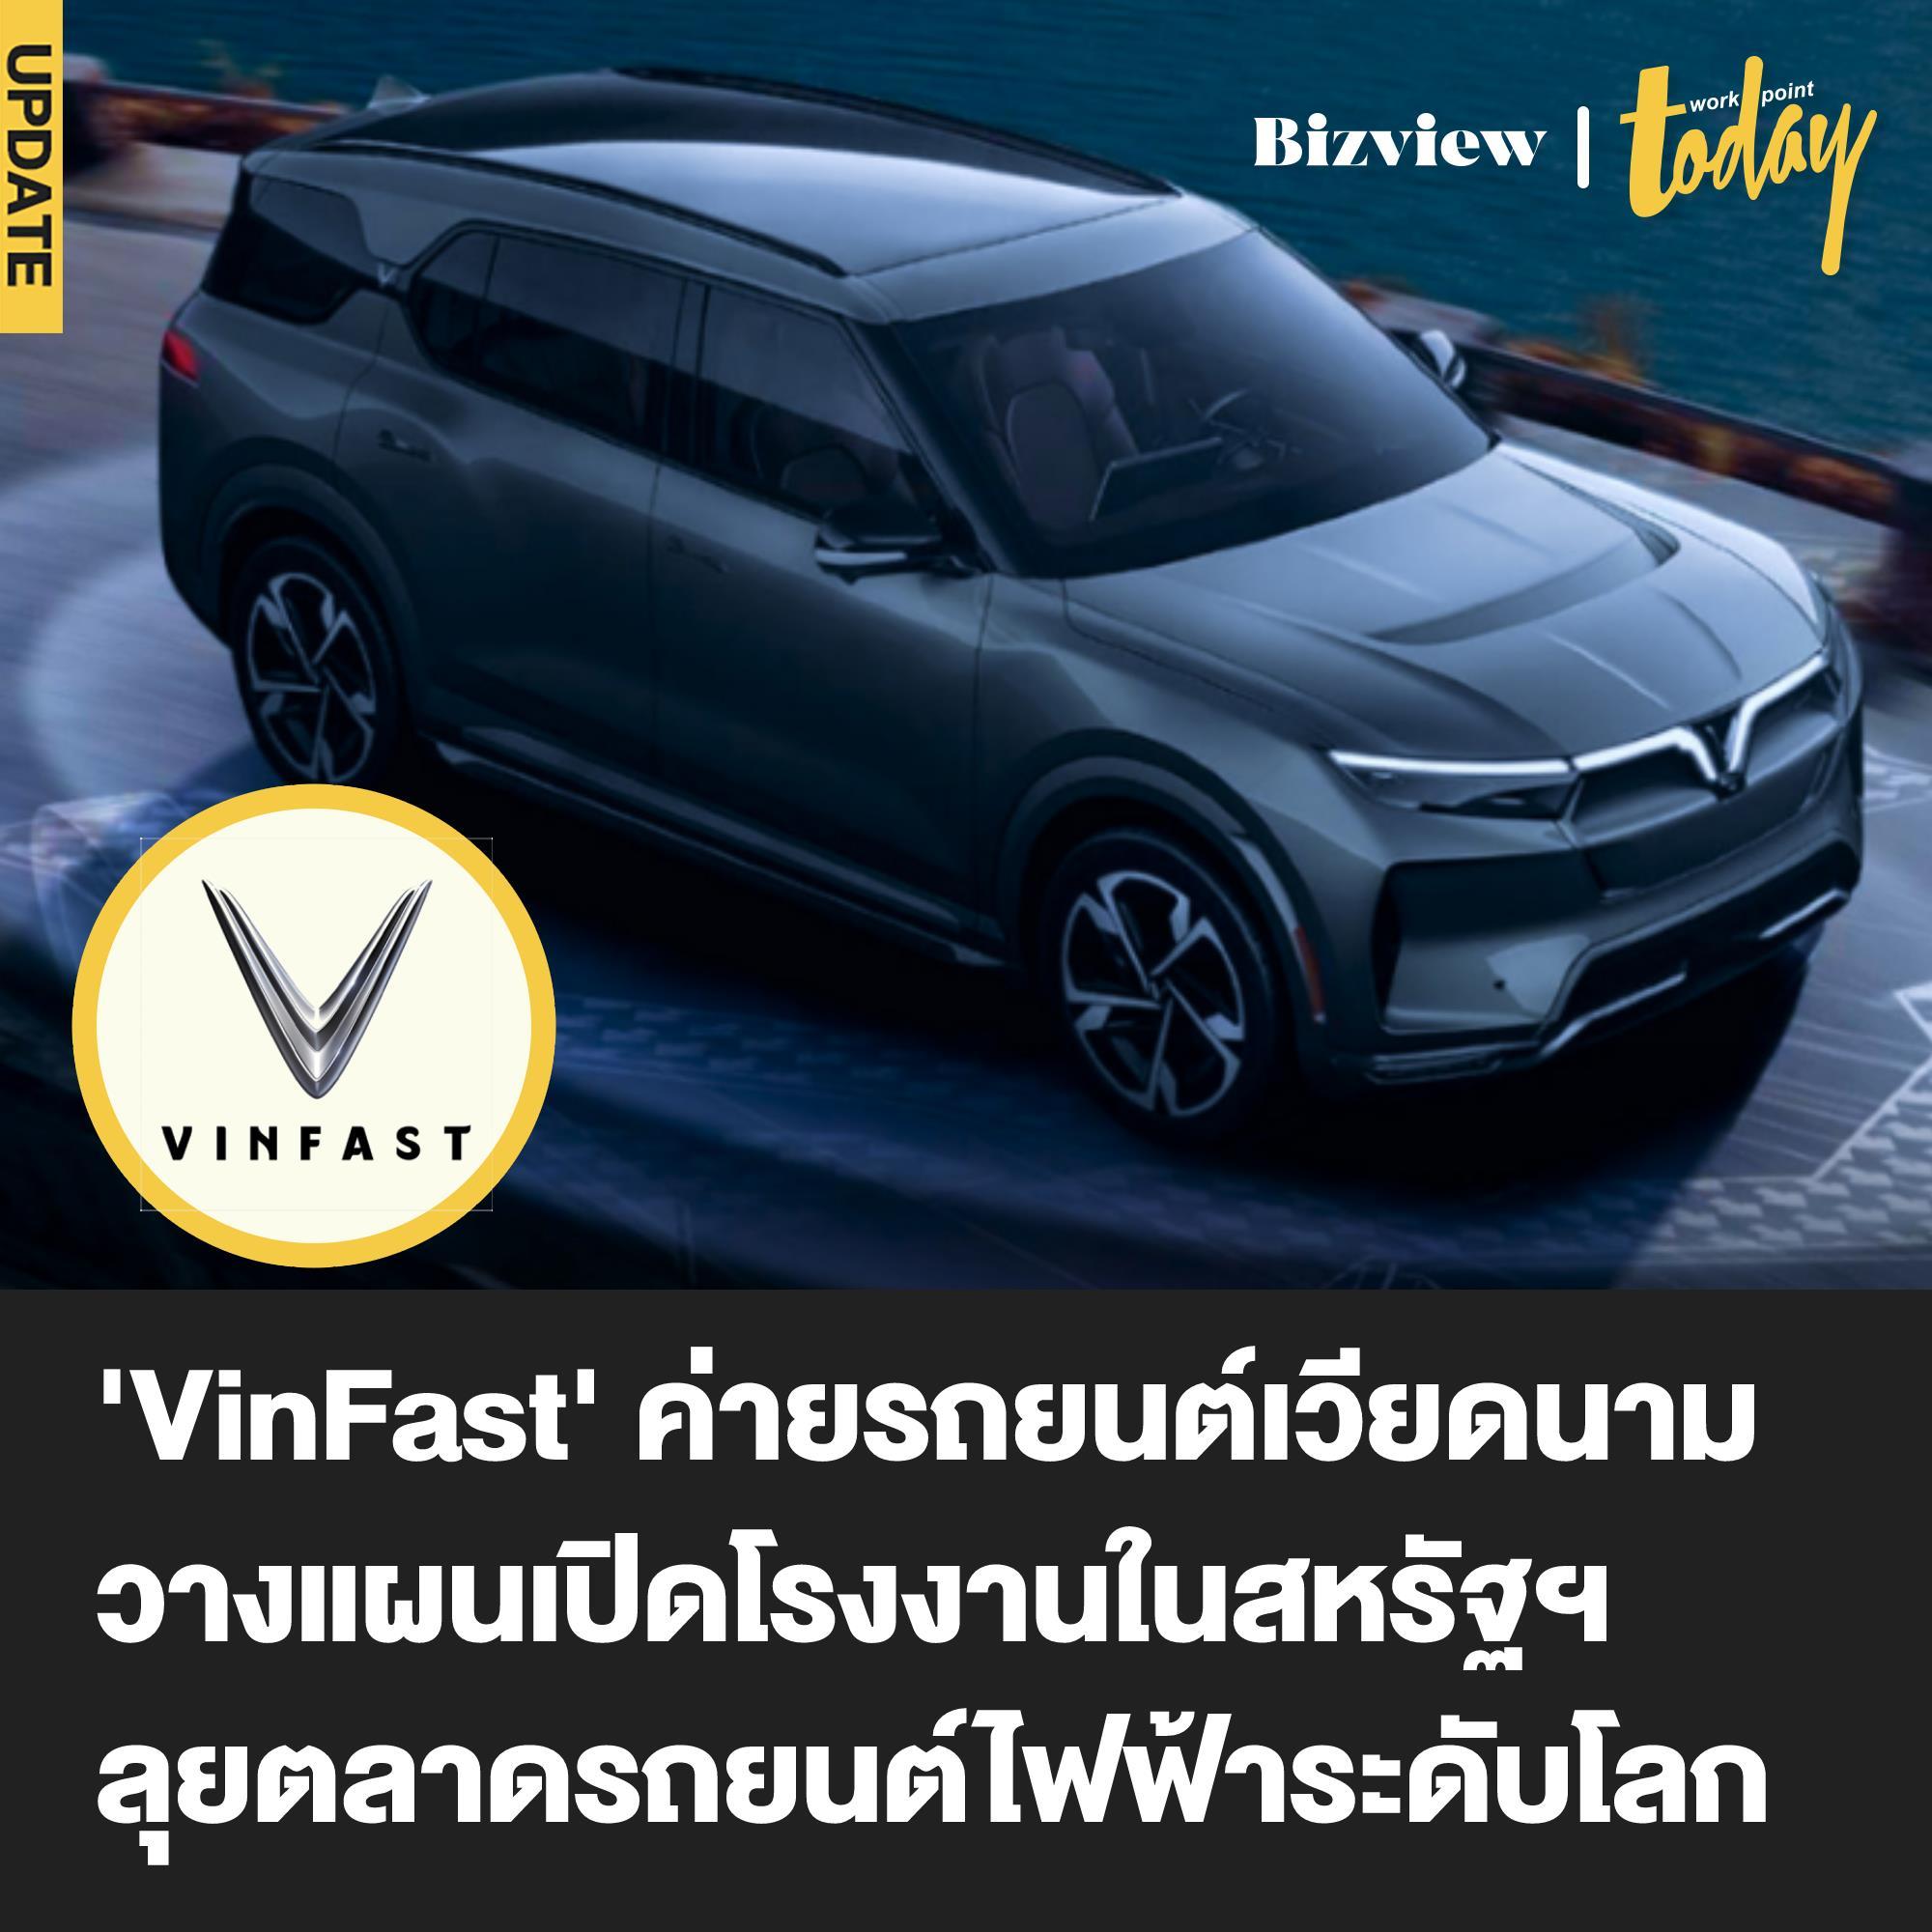 ค่ายรถยนต์เวียดนาม 'VinFast' วางแผนเปิดโรงงานในสหรัฐฯ ลุยตลาดรถยนต์ไฟฟ้า หวังครองส่วนแบ่งรถยนต์ไฟฟ้าระดับโลกพร้อมพัฒนายานพาหนะพลังงานไฟฟ้าให้เข้าถึงทุกกลุ่ม ทั้งในเวียดนามและตลาดต่างประเทศ